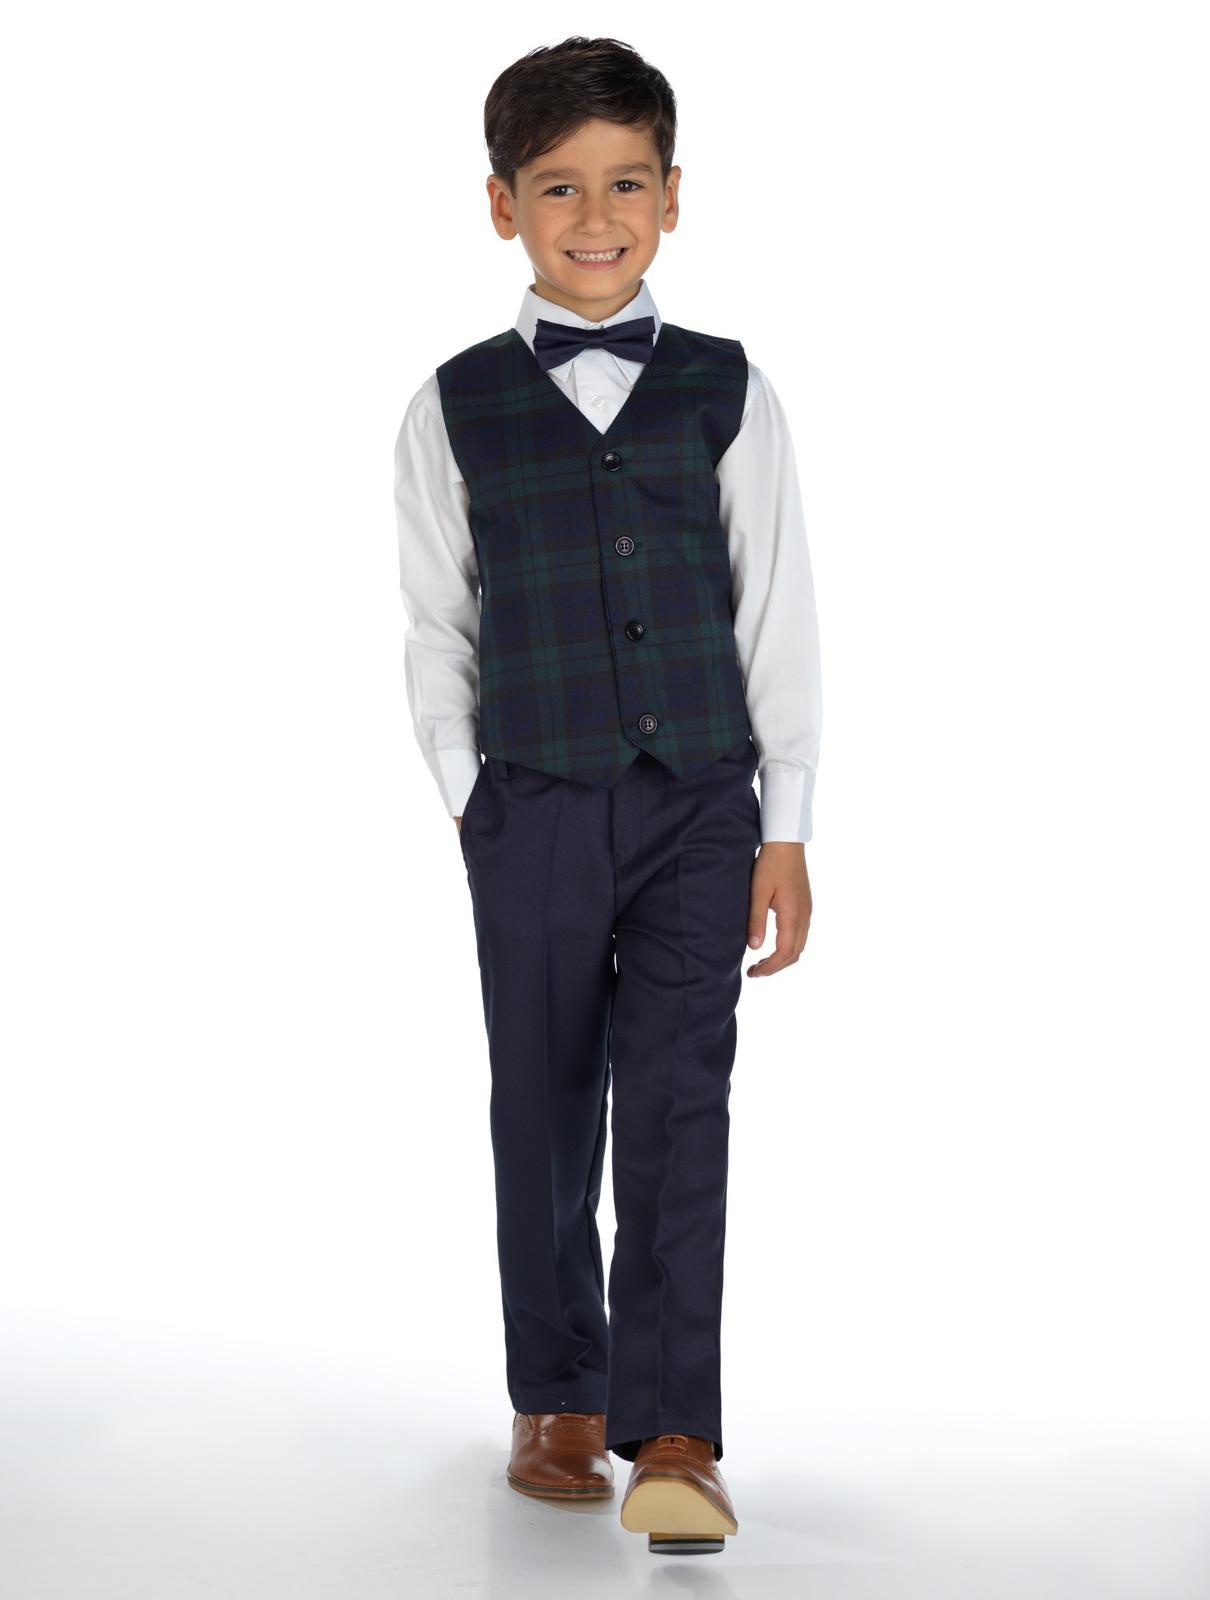 AKCE - tmavě modrý oblek, k prodeji, k půjčení - Obrázek č. 2